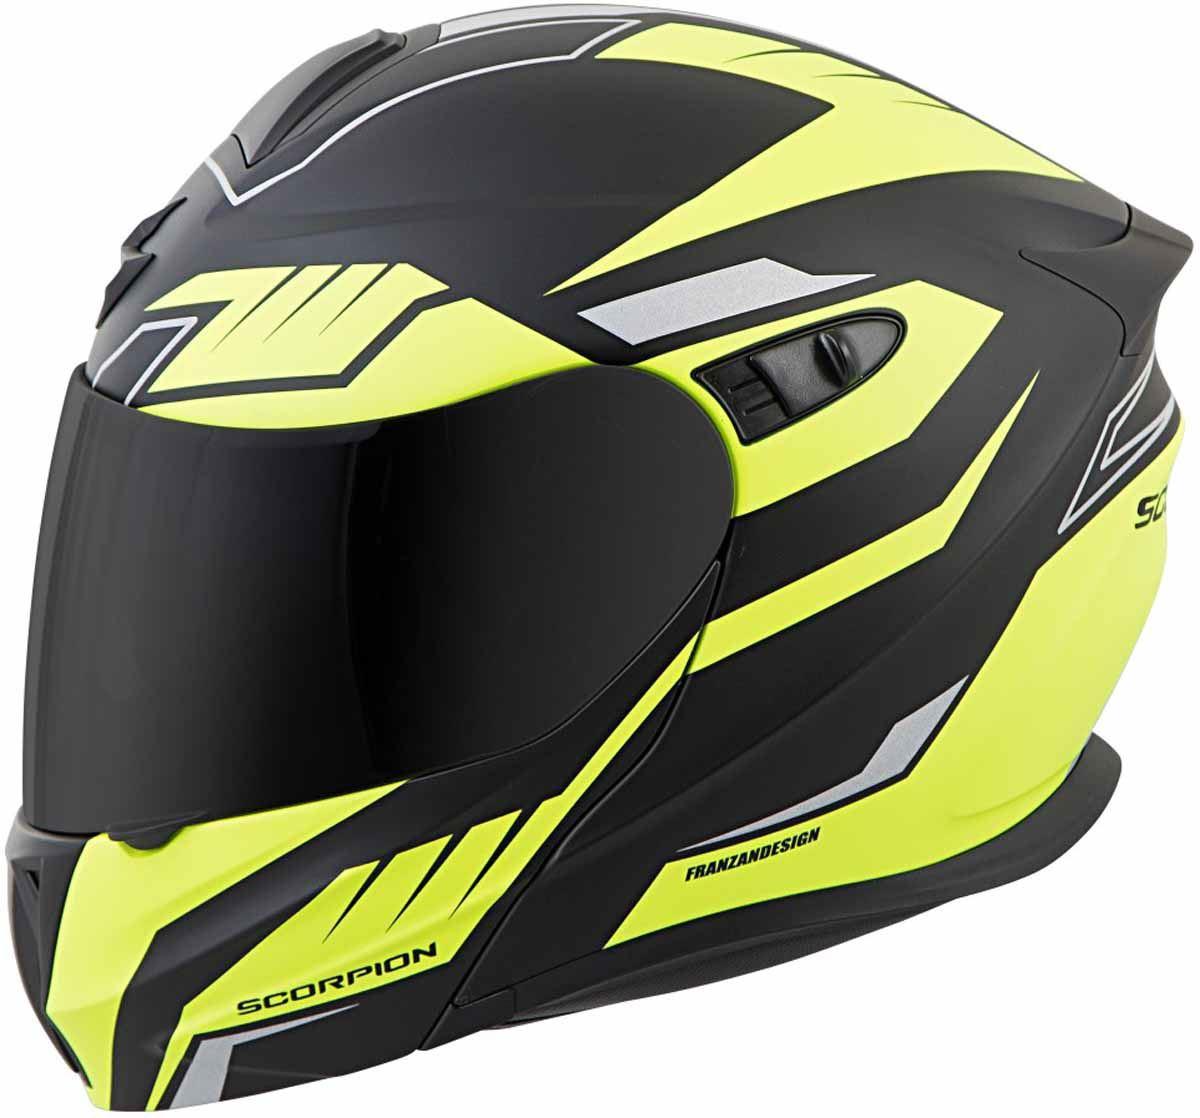 Scorpion-EXO-GT920-Helmet-Sport-Touring-Modular-Flip-Up-DOT-Approved-XS-3XL miniature 43